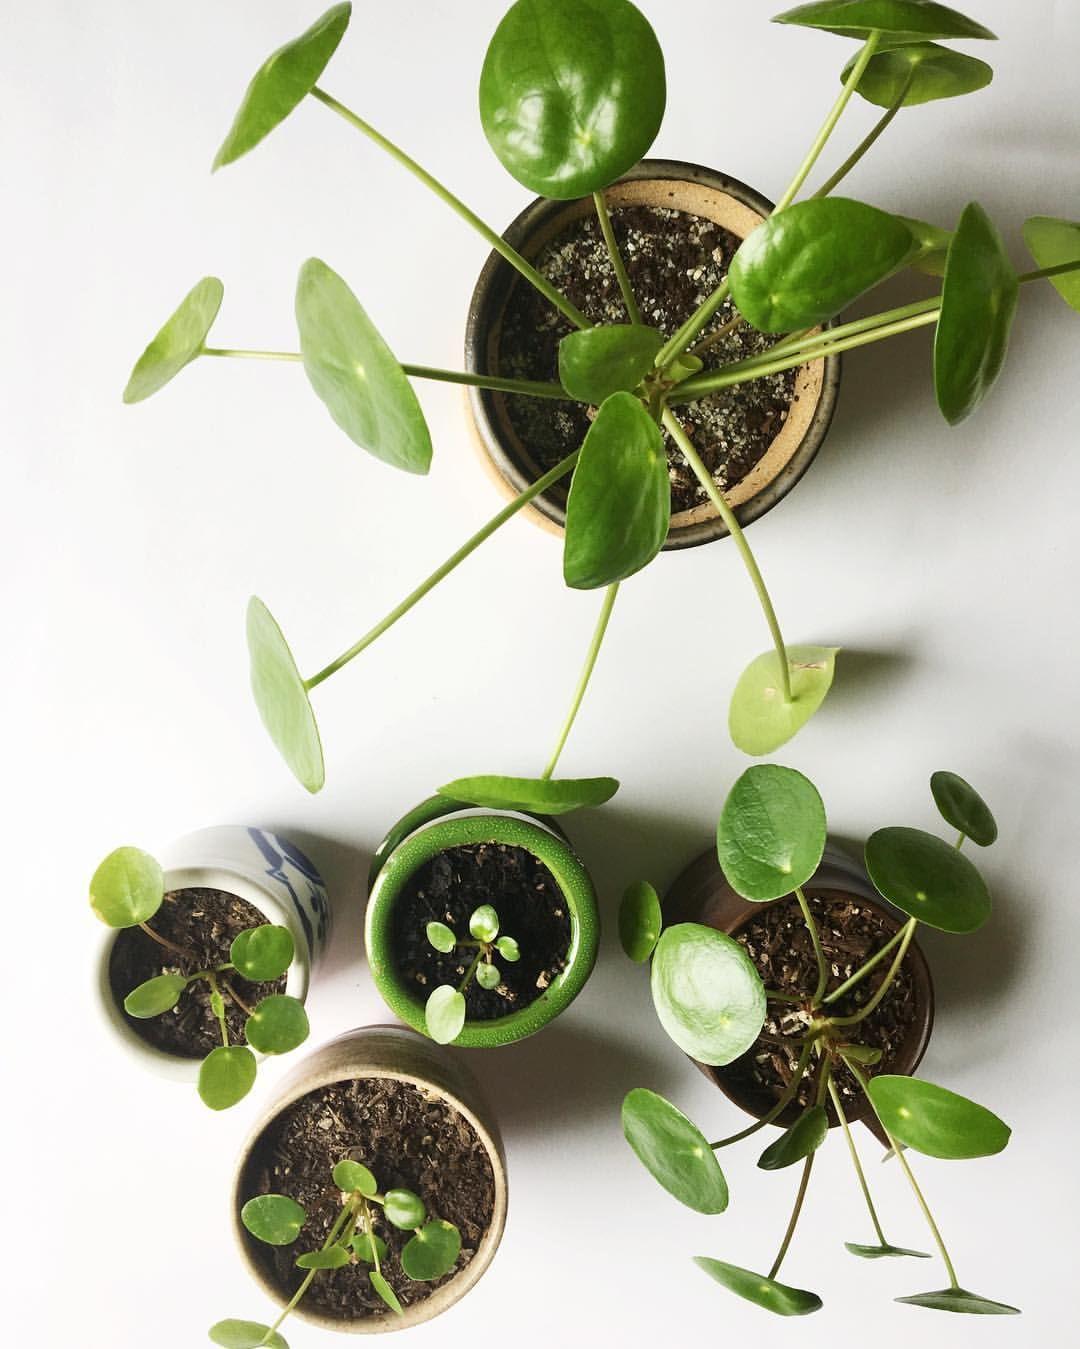 pilea peperomioides troubleshooting q a flowers plants pflanzen garten und zimmerpflanzen. Black Bedroom Furniture Sets. Home Design Ideas